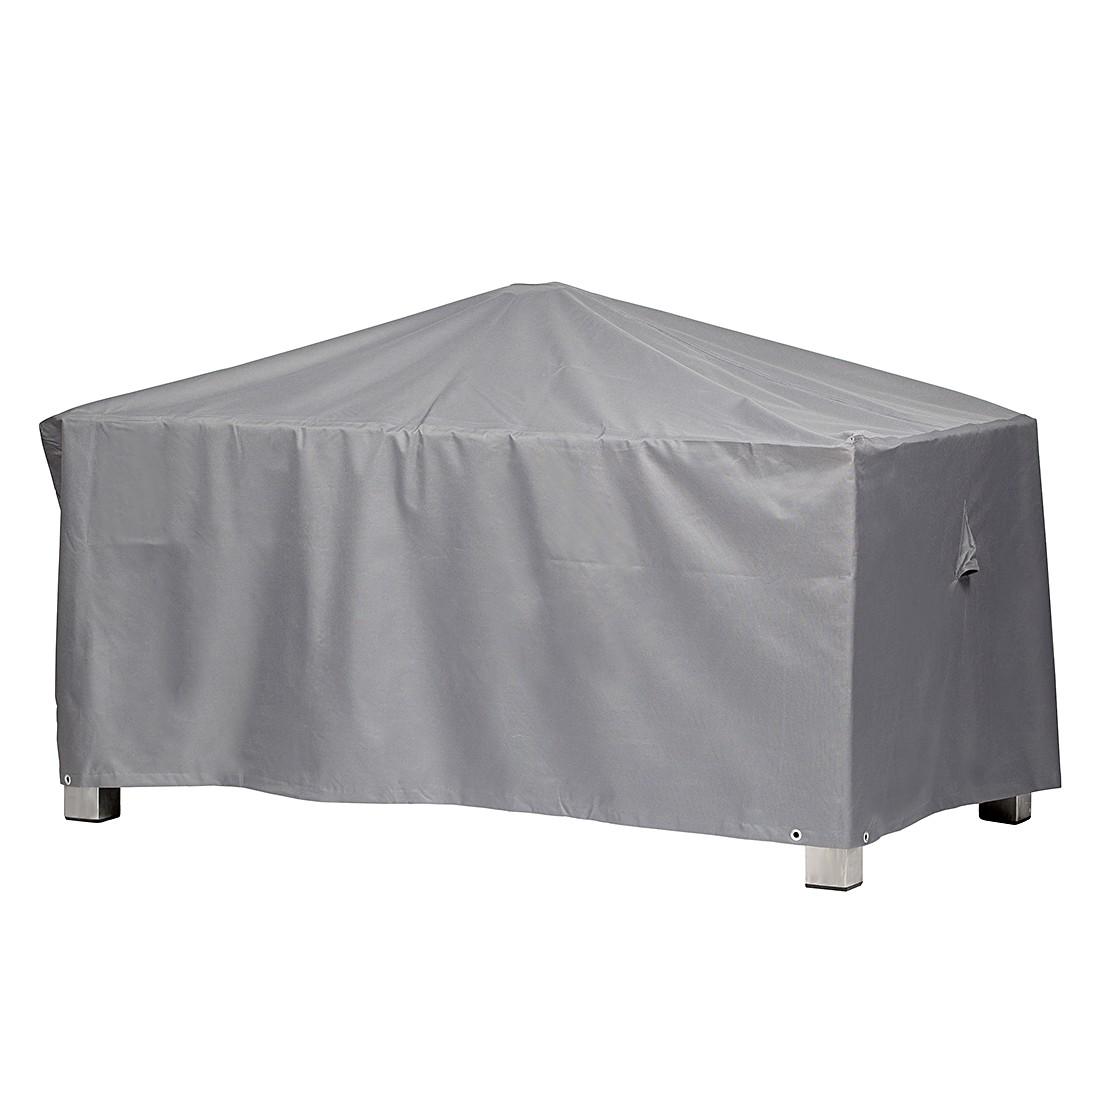 Schutzhülle Premium für rechteckigen Gartentisch (155 x 95 cm) - Polyester, mehr Garten